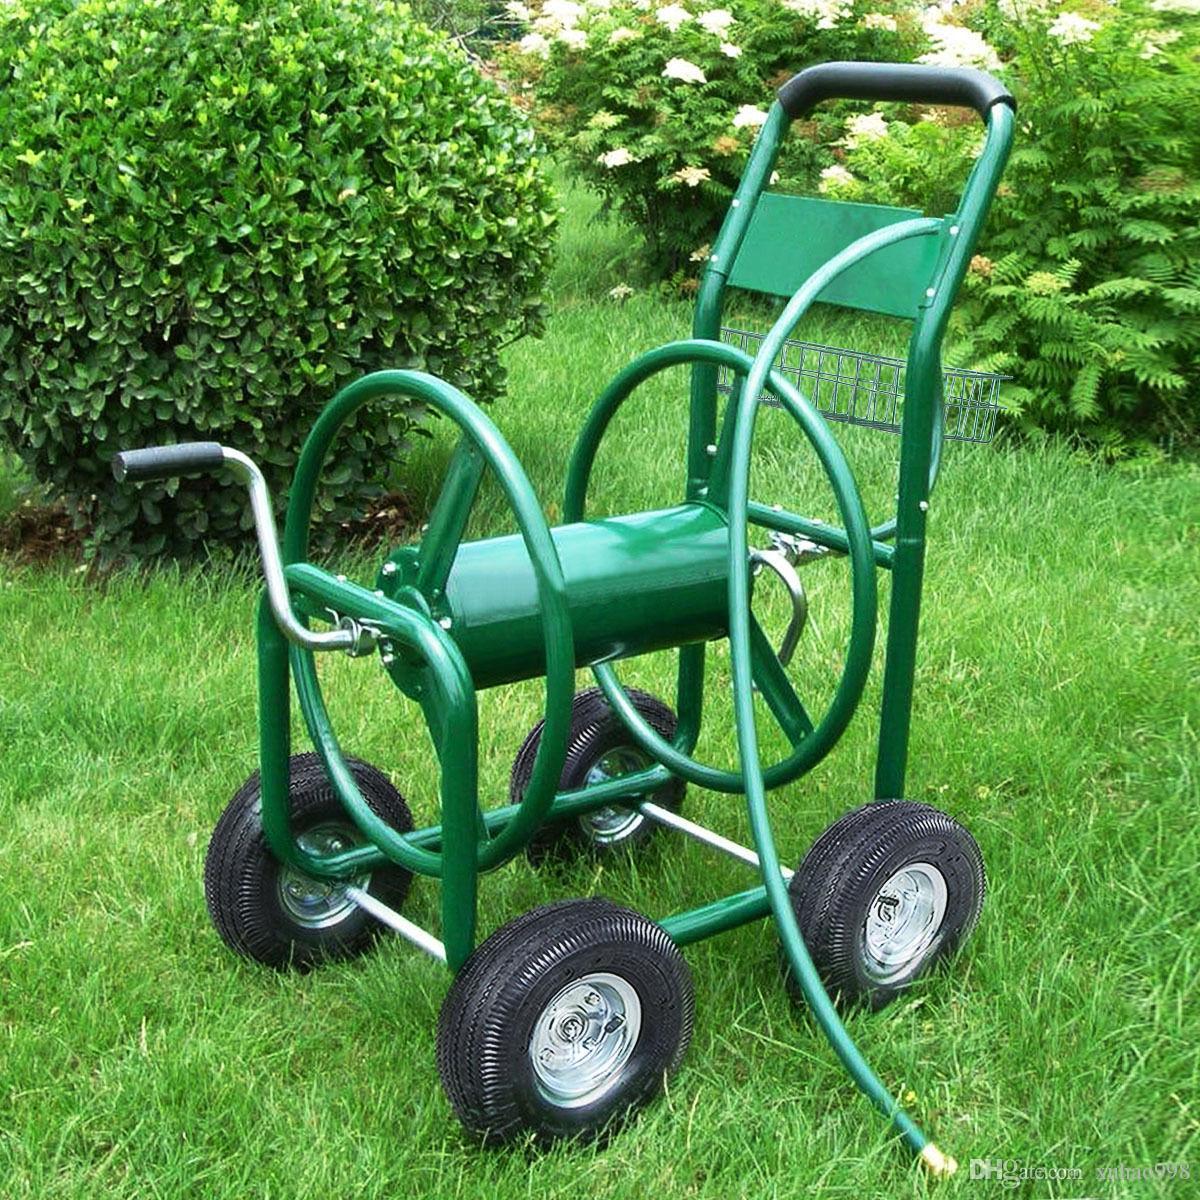 Bahçe Su Hortum Arabası 300ft Açık Ağır Hizmet Yard Dikim W / Basket Yeni